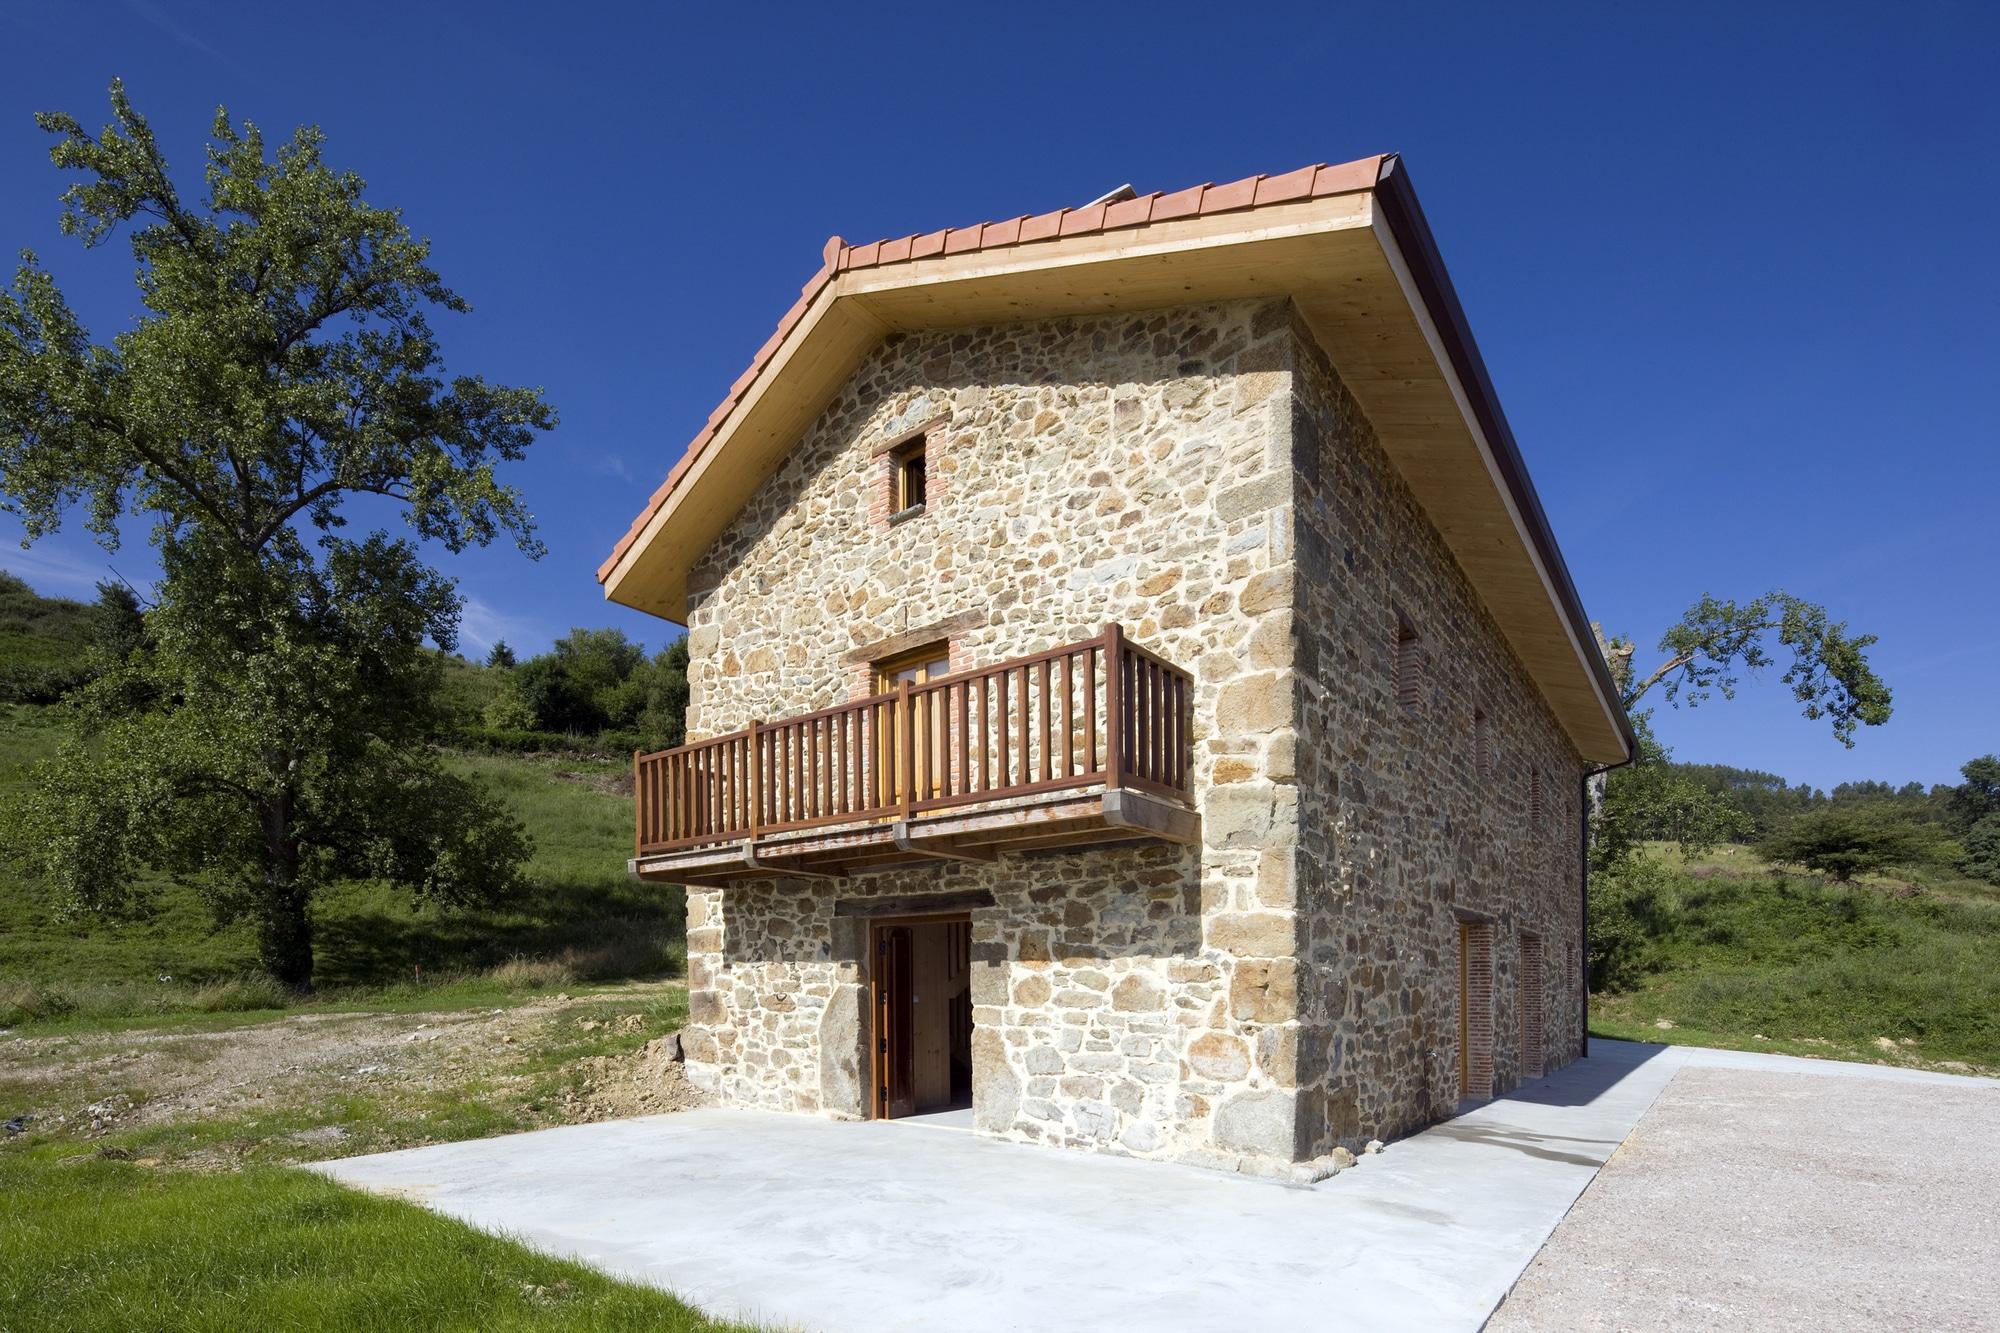 diseño de casa rústica de piedra [planos] | construye hogar